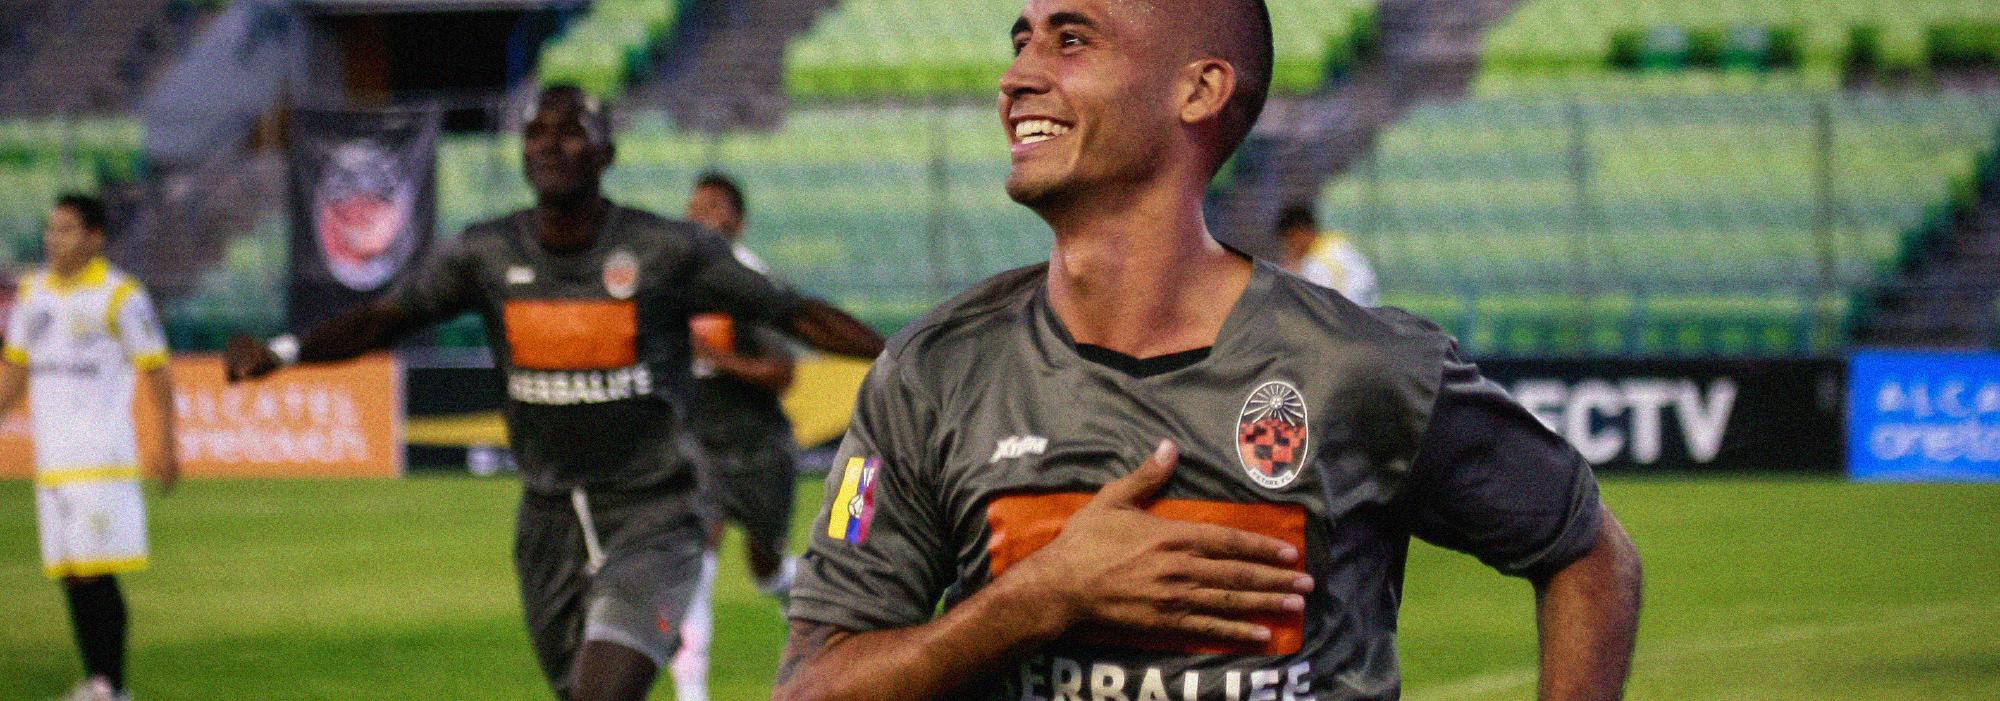 Petare Fútbol Club